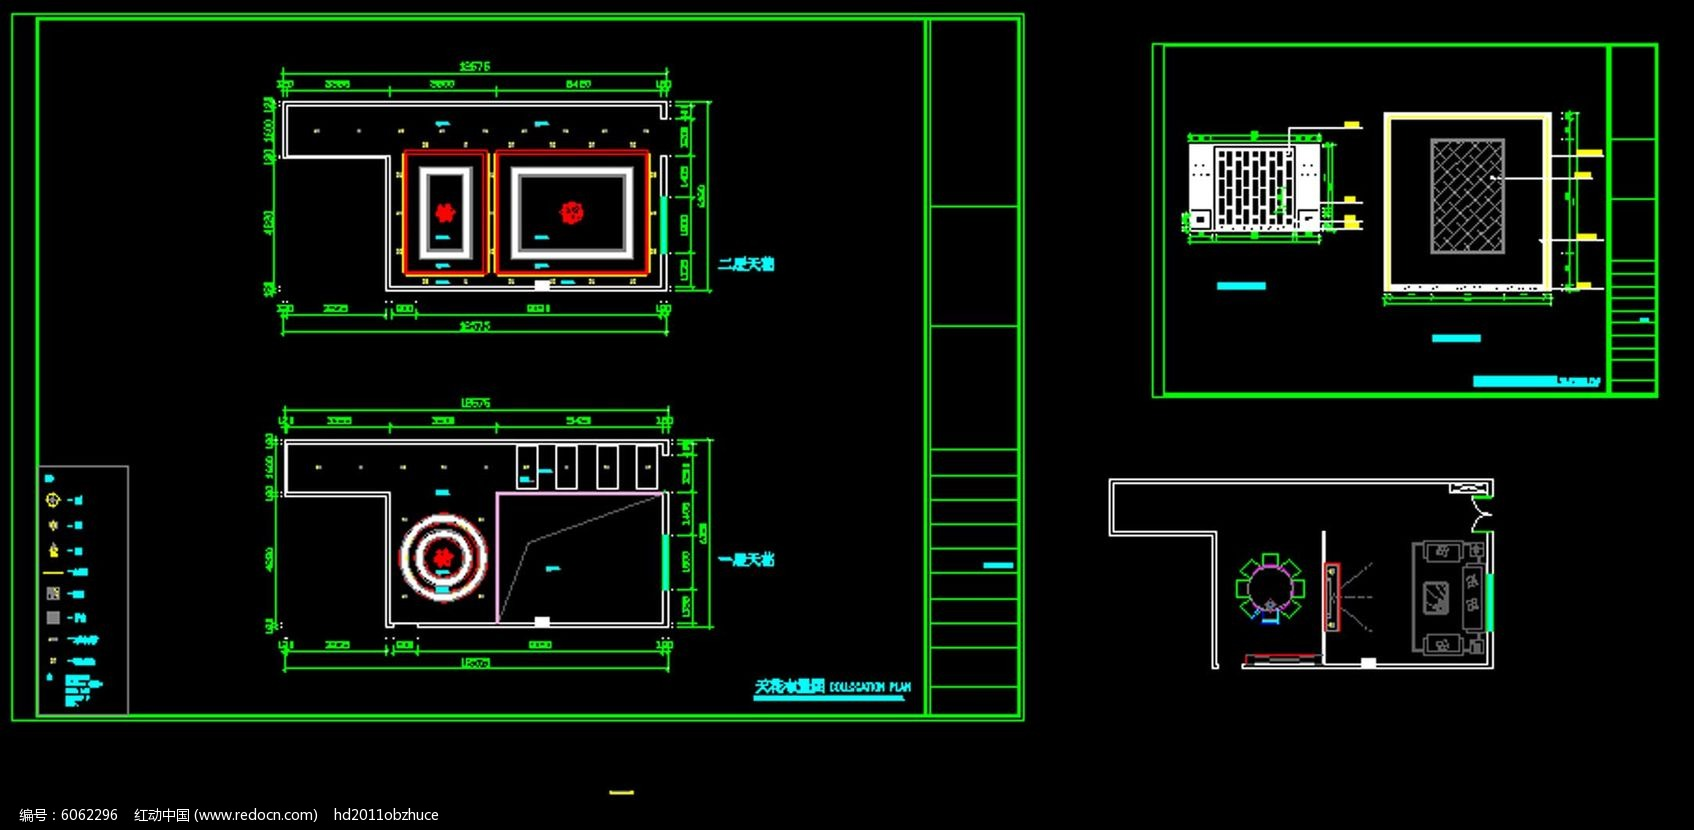 中式家庭室内装修设计CAD施工图纸素材下载 室内装修设计图片